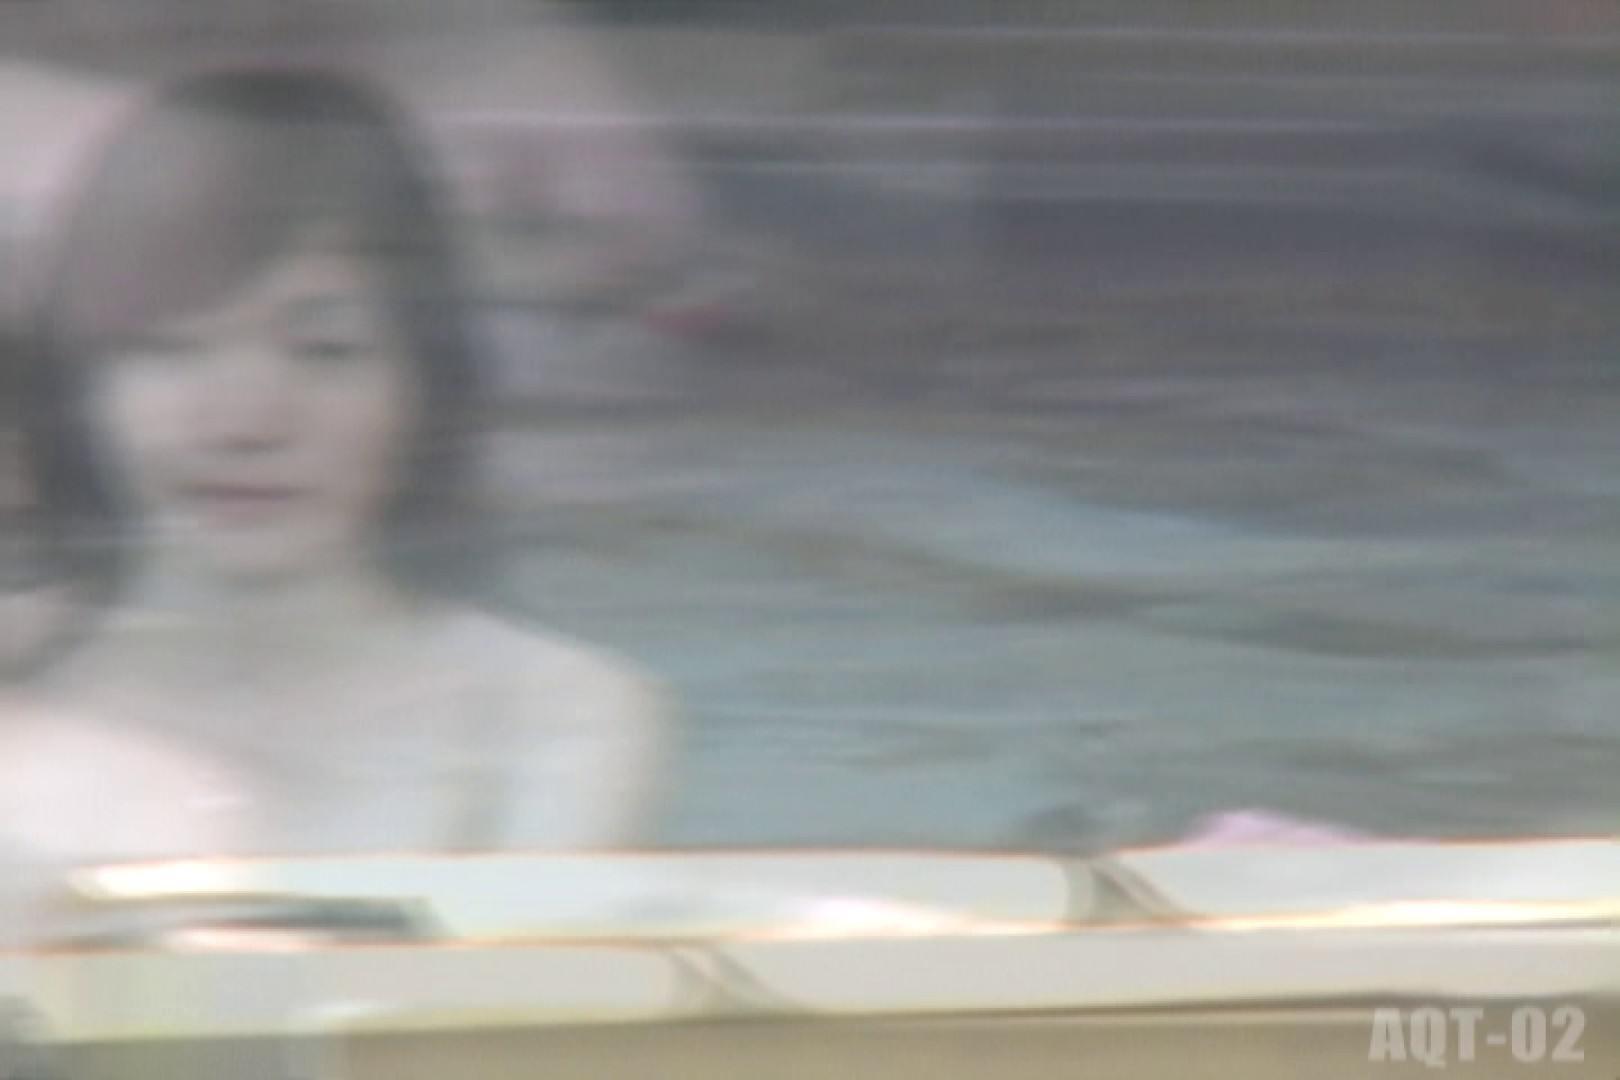 Aquaな露天風呂Vol.725 OLのエロ生活   盗撮  20連発 1